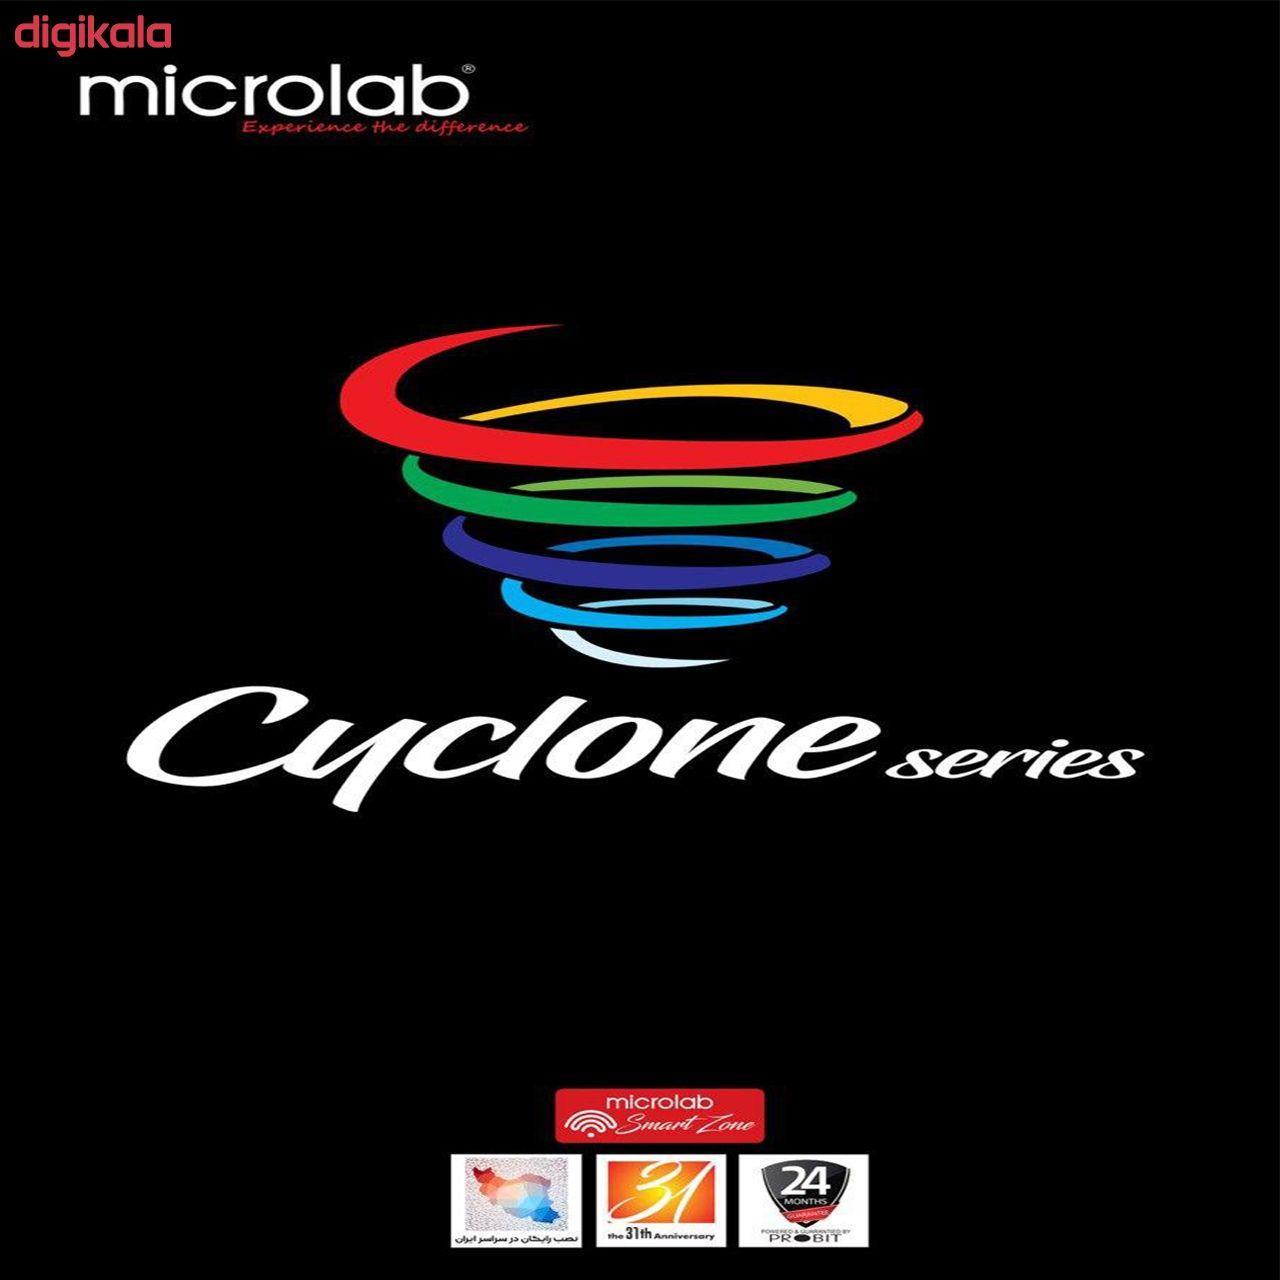 پخش کننده خانگی میکرولب مدل  M310101Cyclone main 1 3